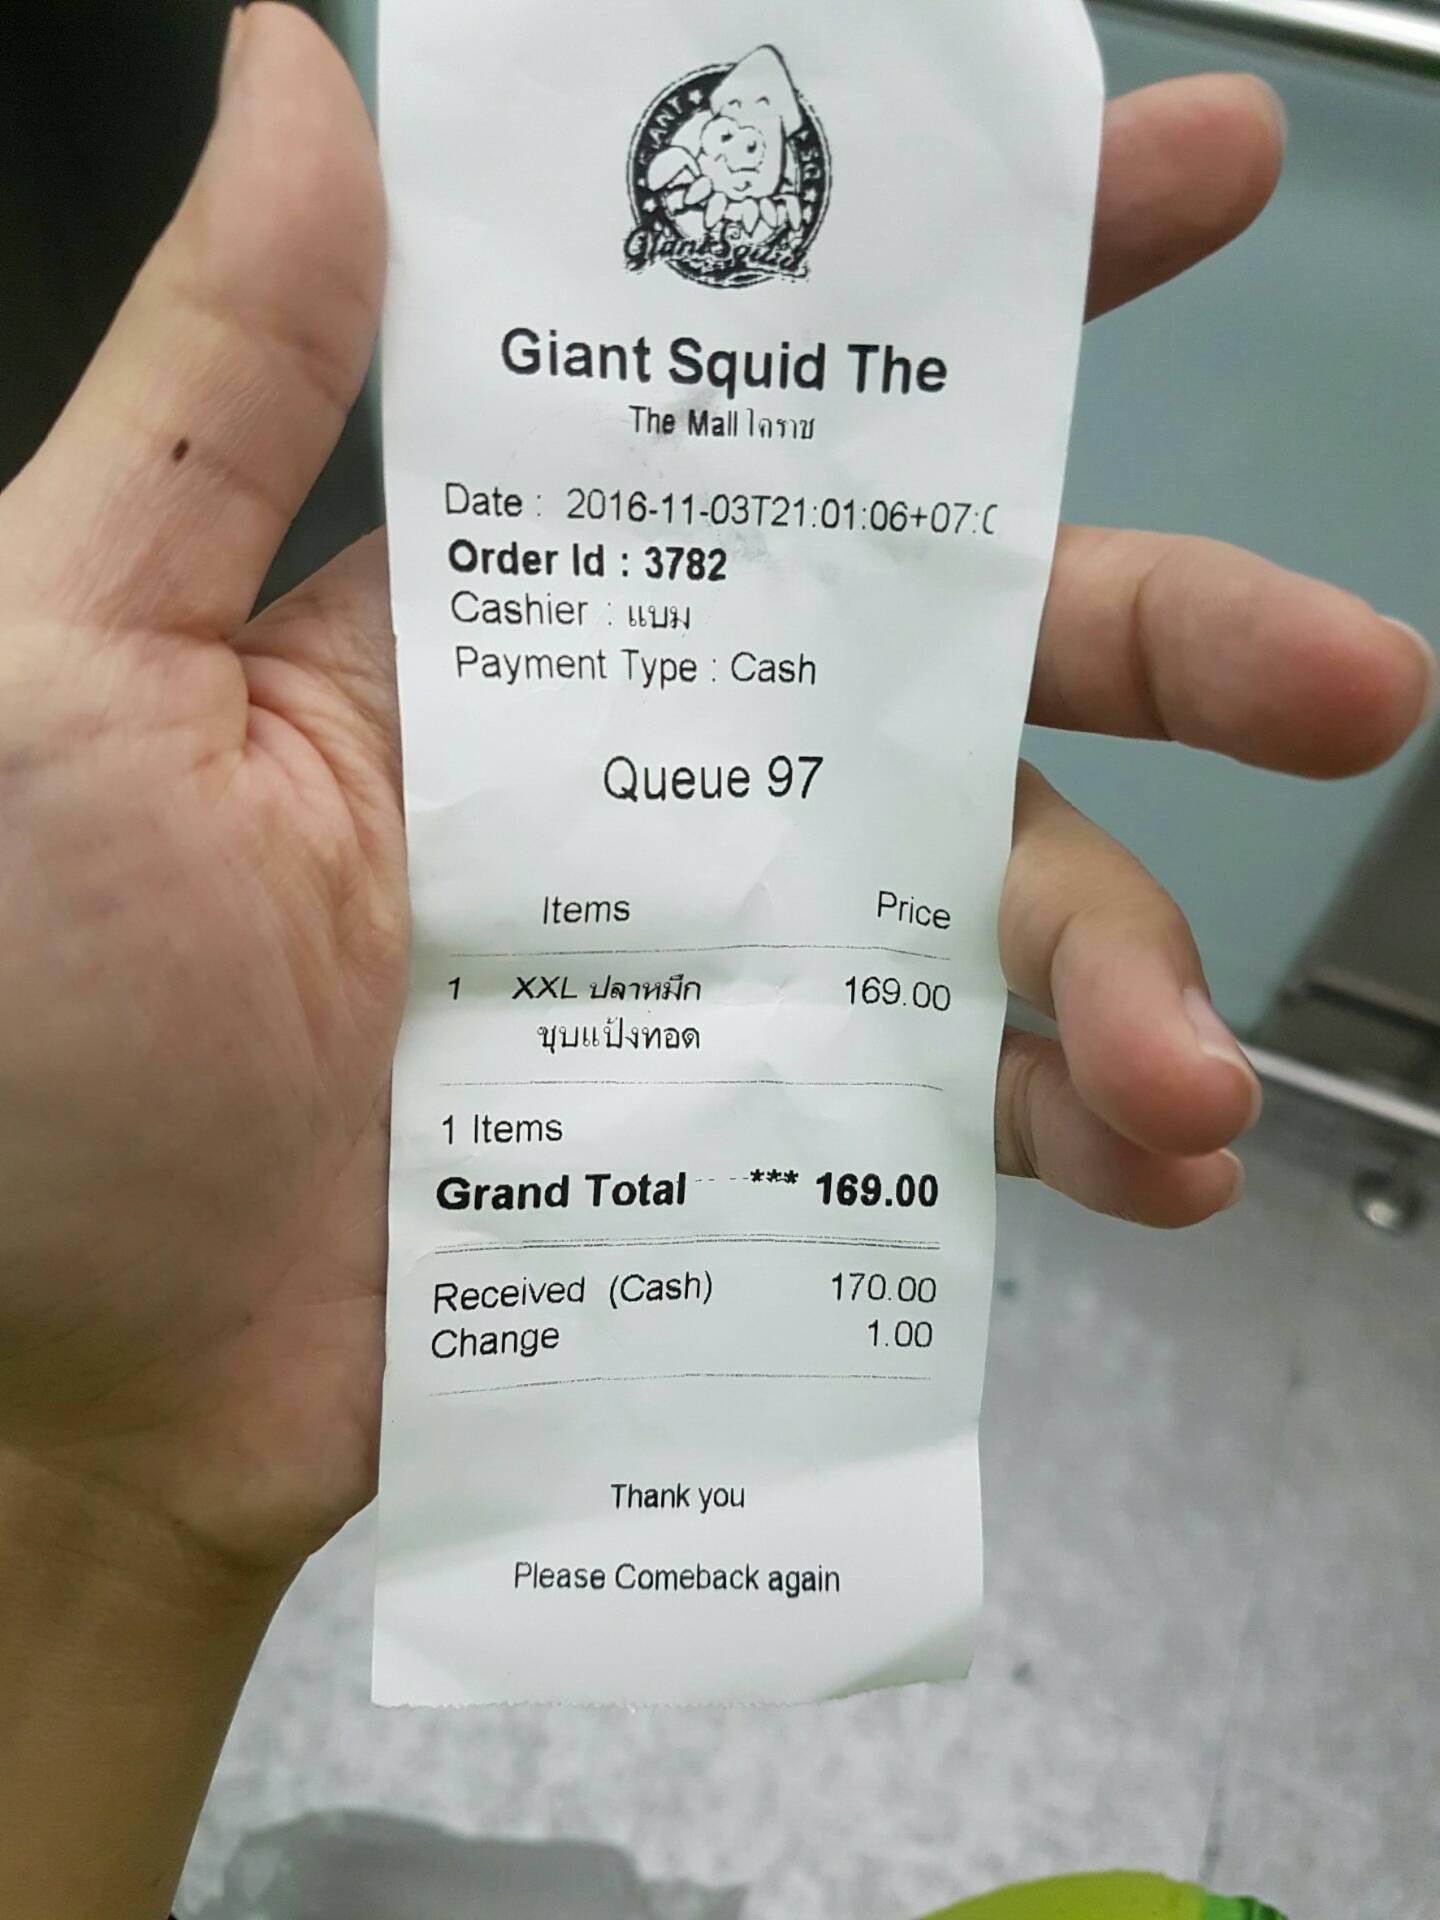 Giant Squid เดอะมอลล์ นครราชสีมา